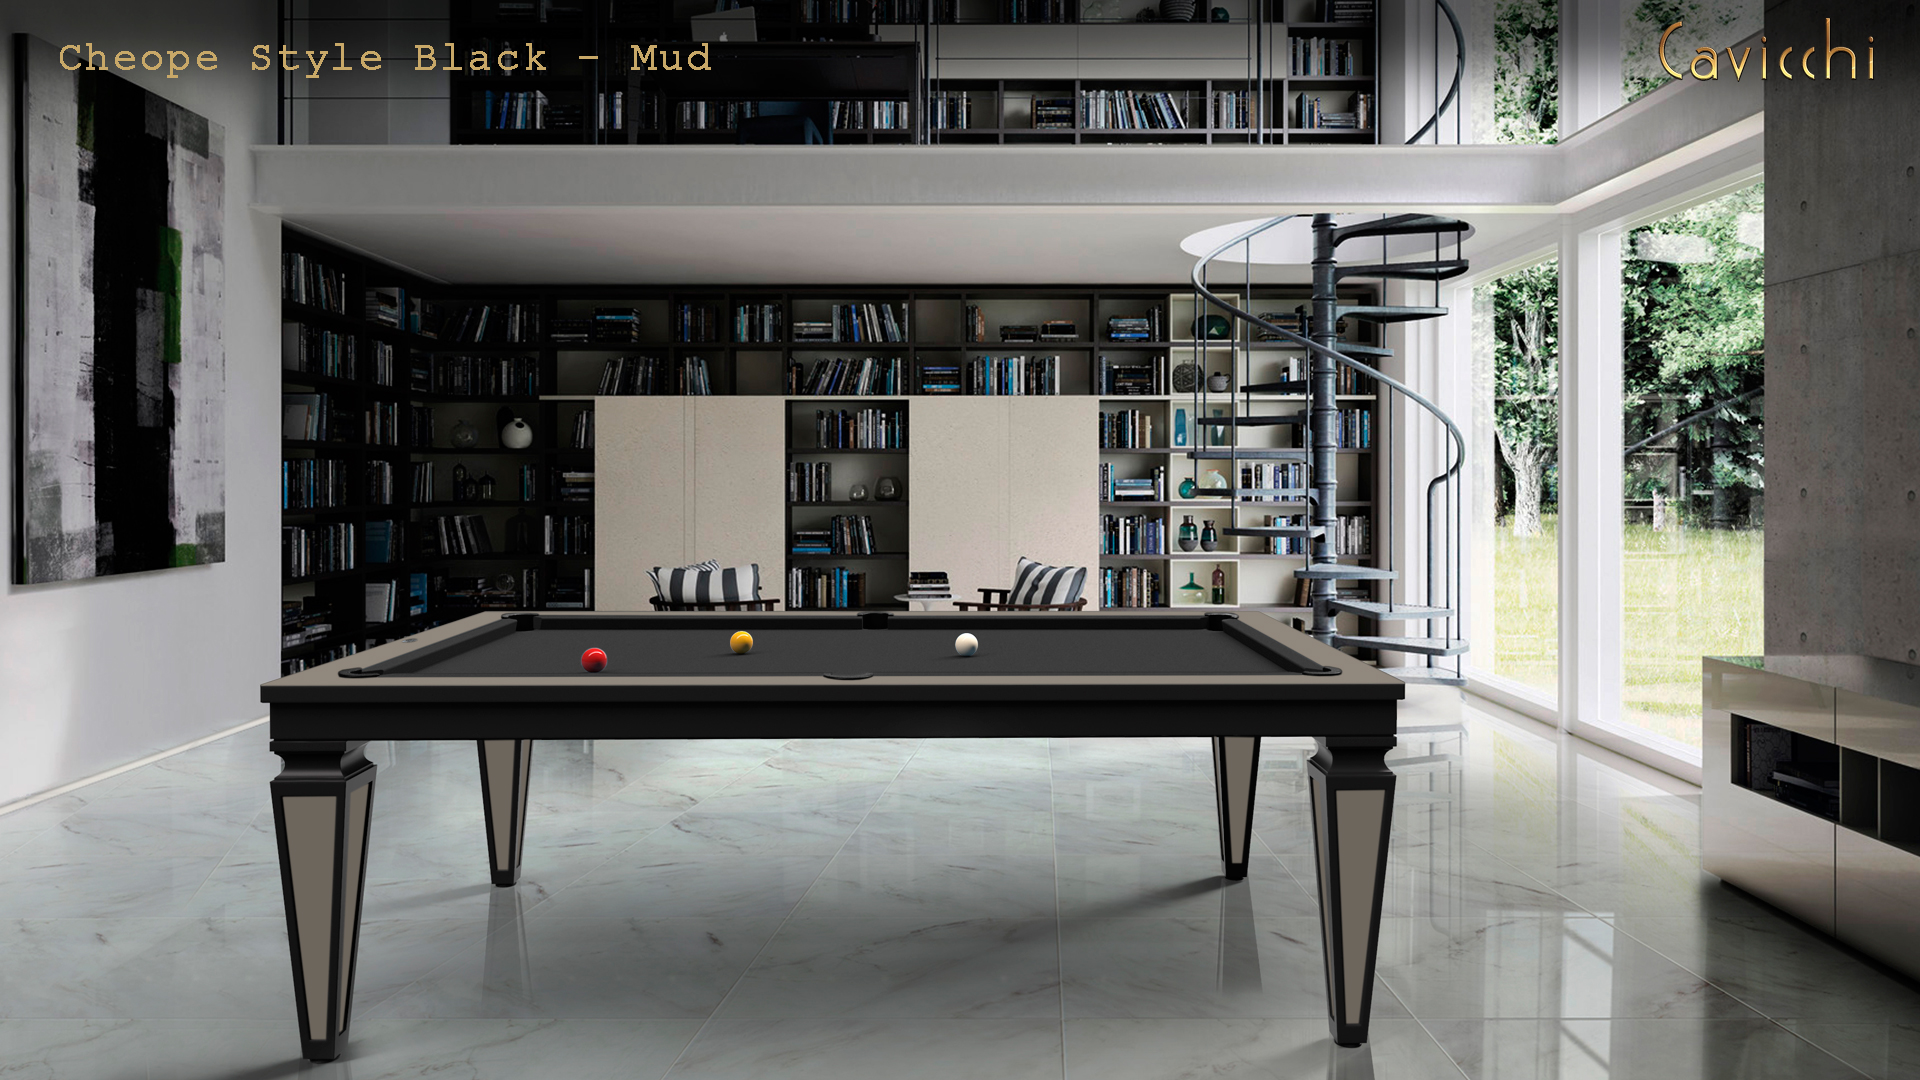 billiard table Cavicchi Cheope Style Black  - Showroom Shop 7